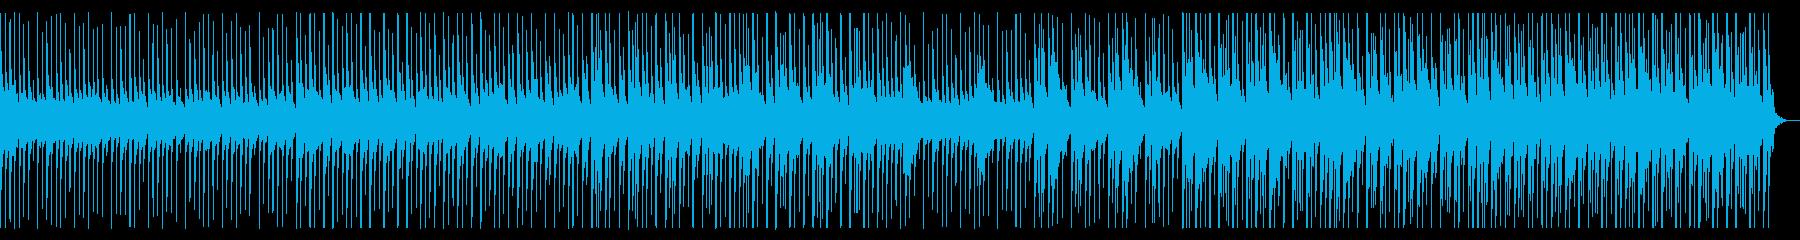 ほのぼの/不思議の国_No675_1の再生済みの波形